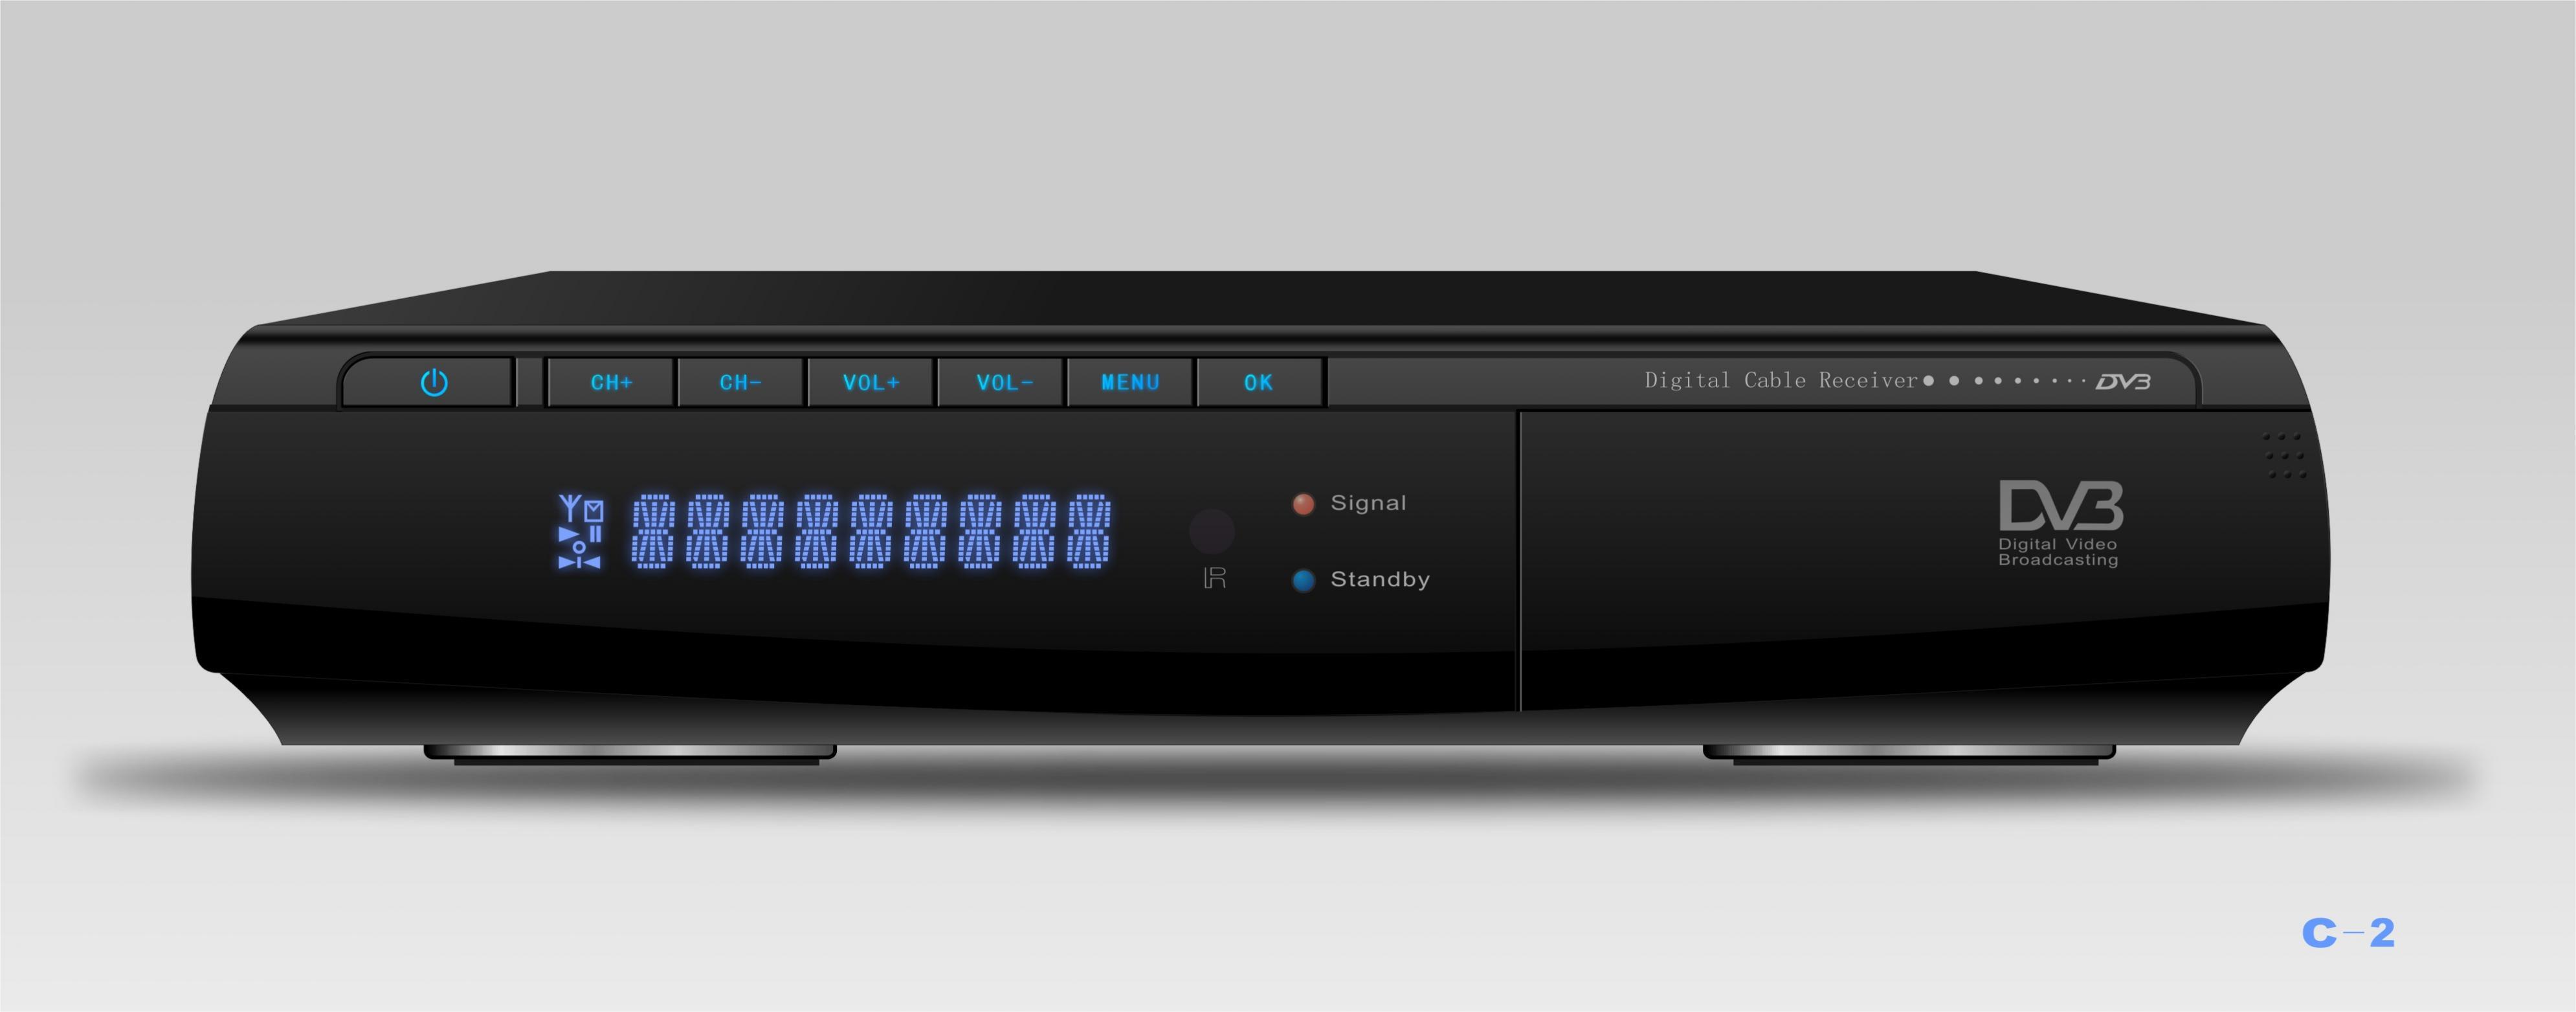 Mediastar MS 5000 2 Jpg